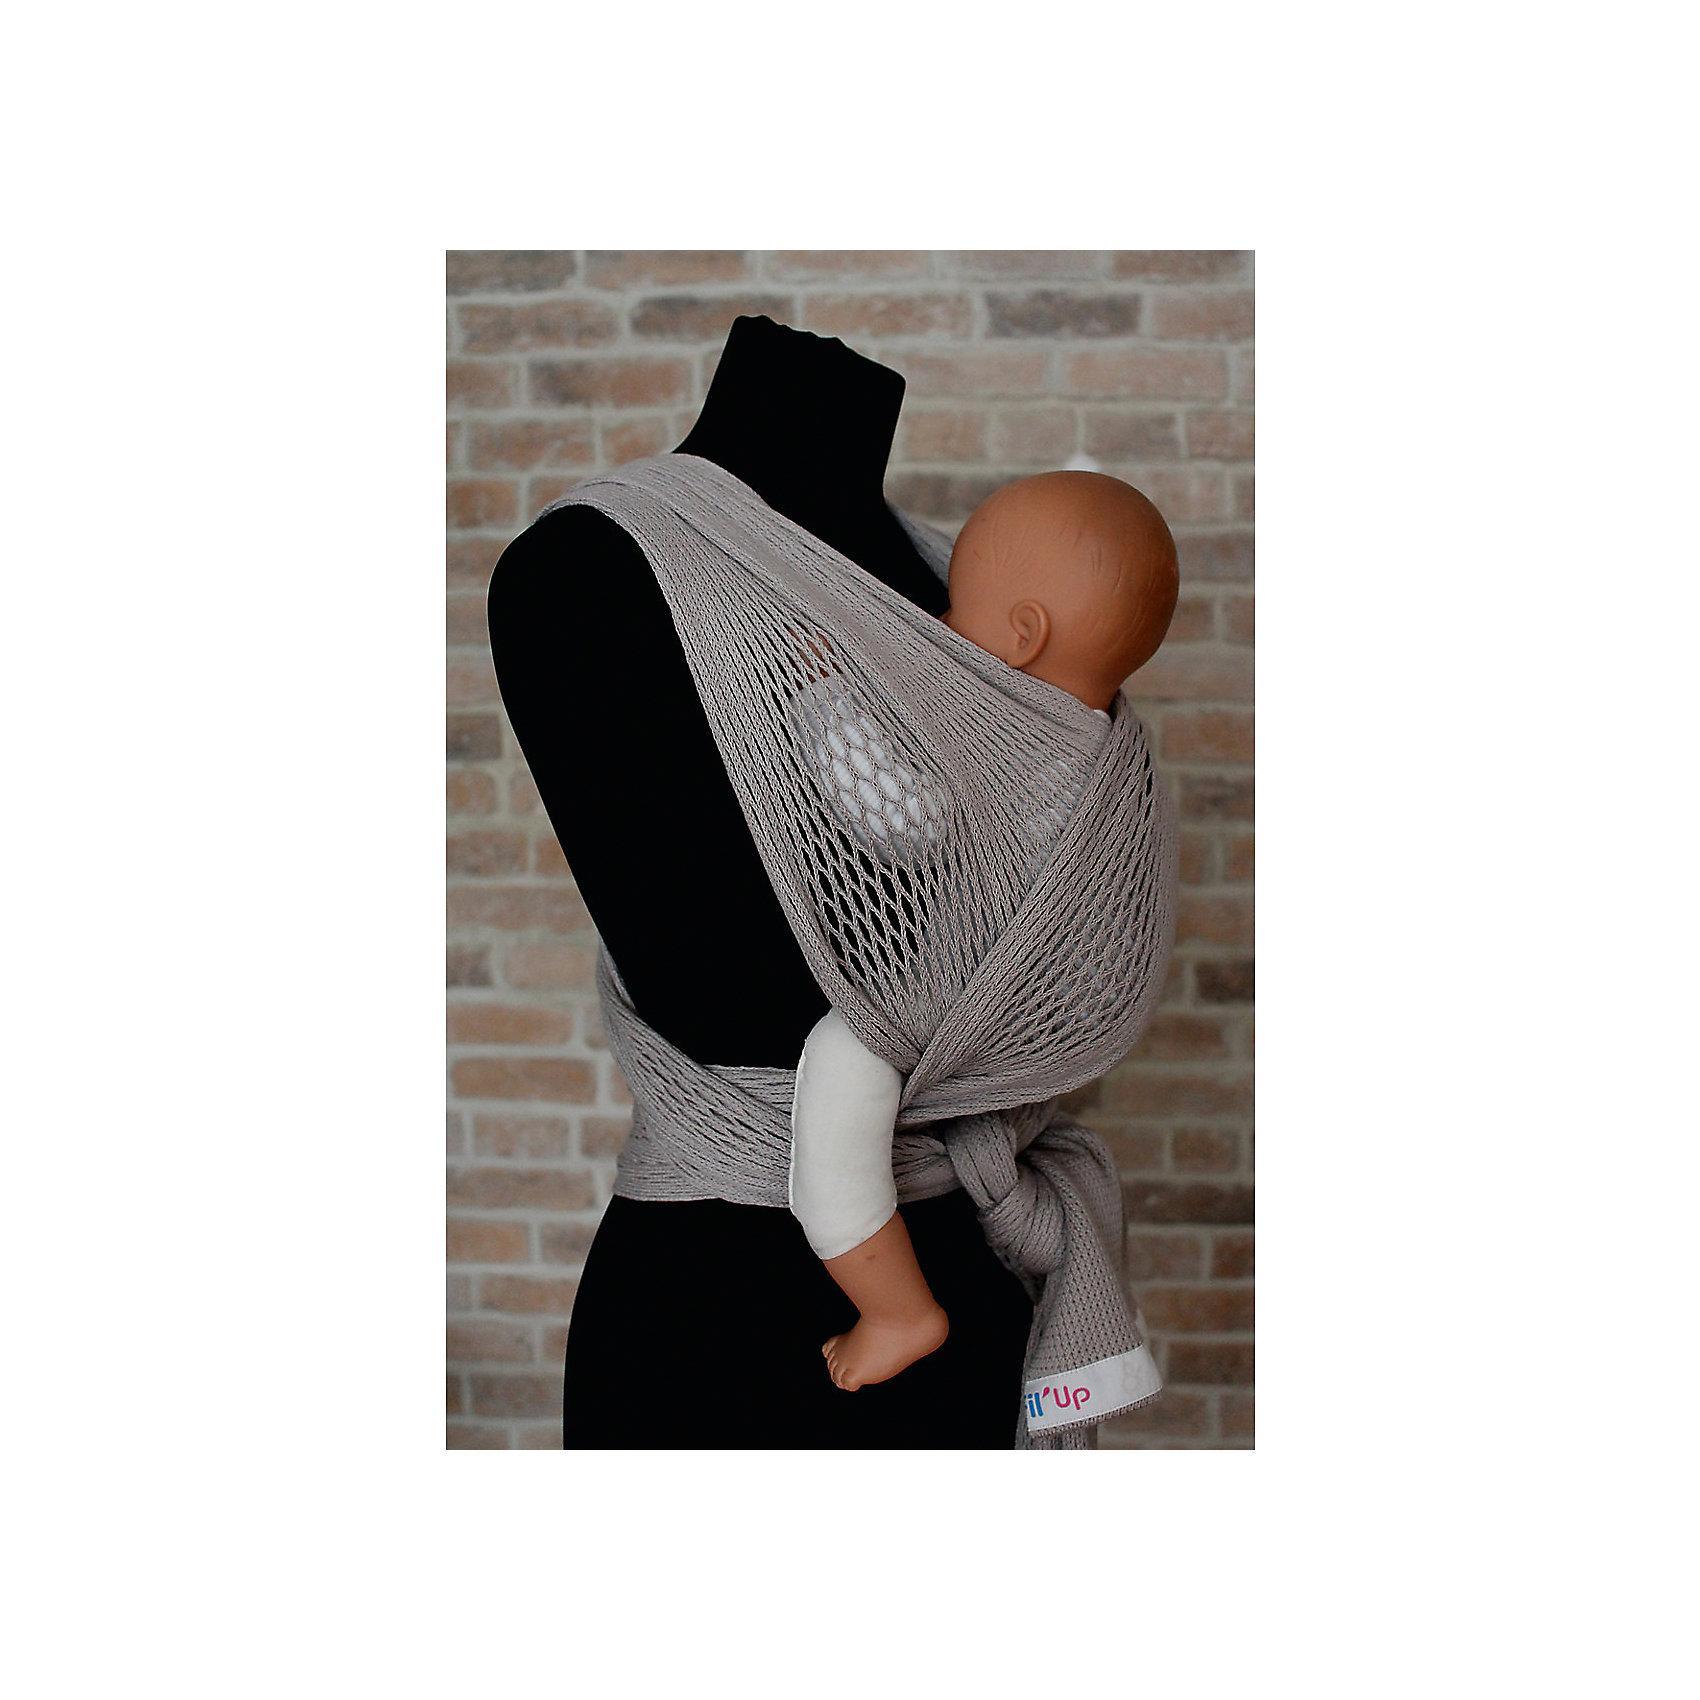 Слинг-шарф из хлопка плетеный размер l-xl, Филап, Filt, серыйСлинги и рюкзаки-переноски<br><br><br>Ширина мм: 800<br>Глубина мм: 800<br>Высота мм: 50<br>Вес г: 500<br>Возраст от месяцев: 0<br>Возраст до месяцев: 12<br>Пол: Унисекс<br>Возраст: Детский<br>SKU: 5445103